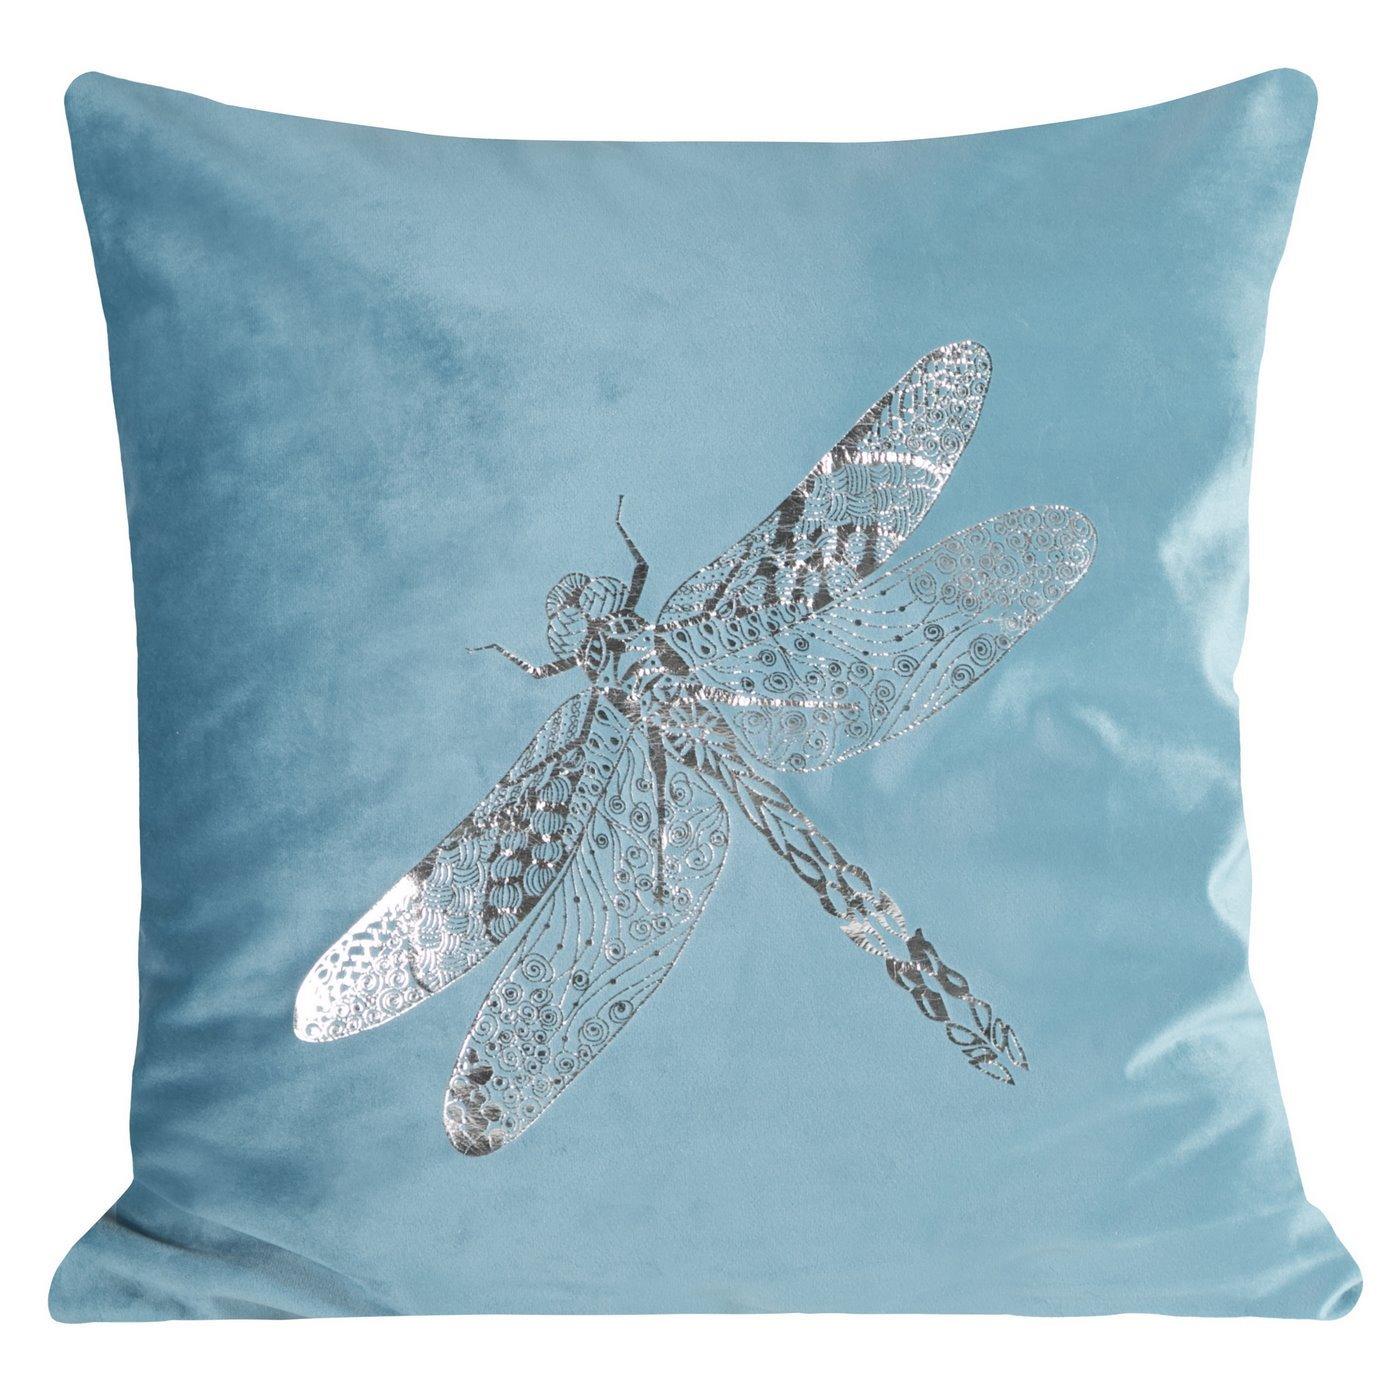 Poszewka na poduszkę turkusowa ze srebrną ważką 45 x 45 cm